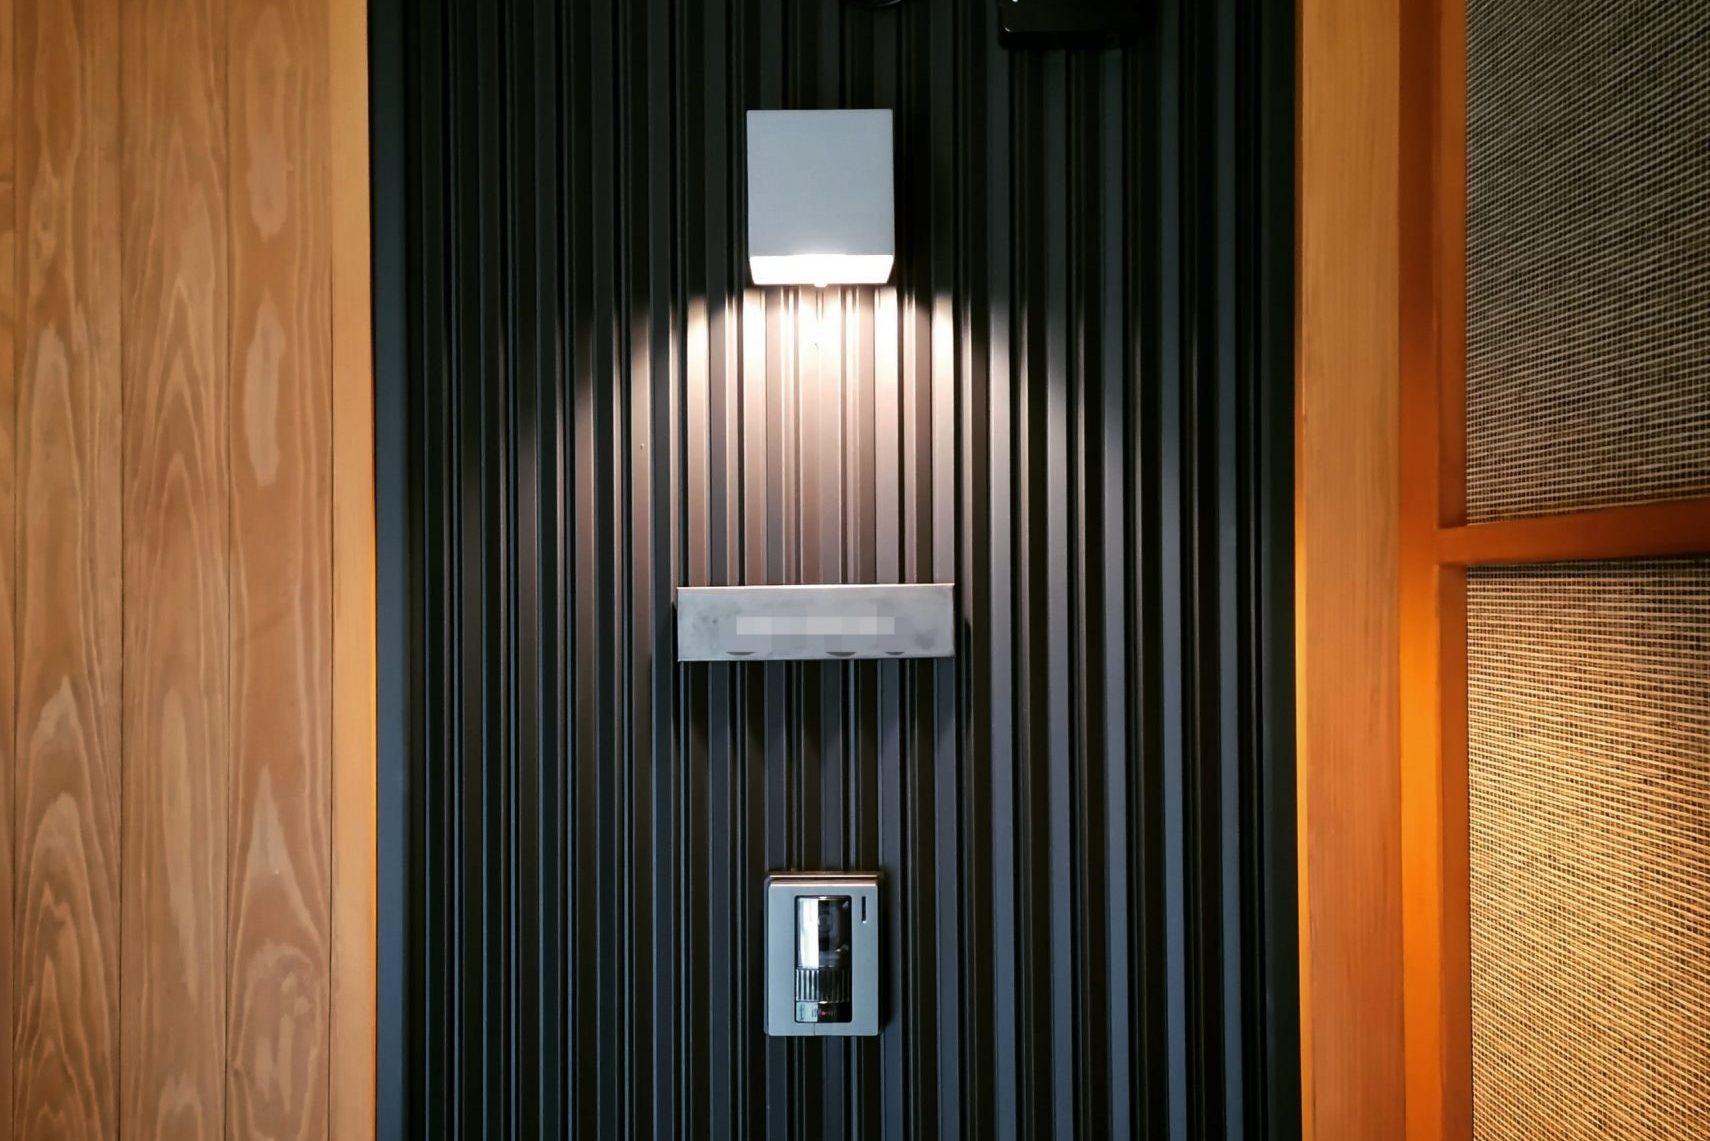 田迎の住宅:黒いガルバリウムの壁に、スッキリした玄関灯、木製の木肌の見える造作建具の色のコントラストが印象的です。